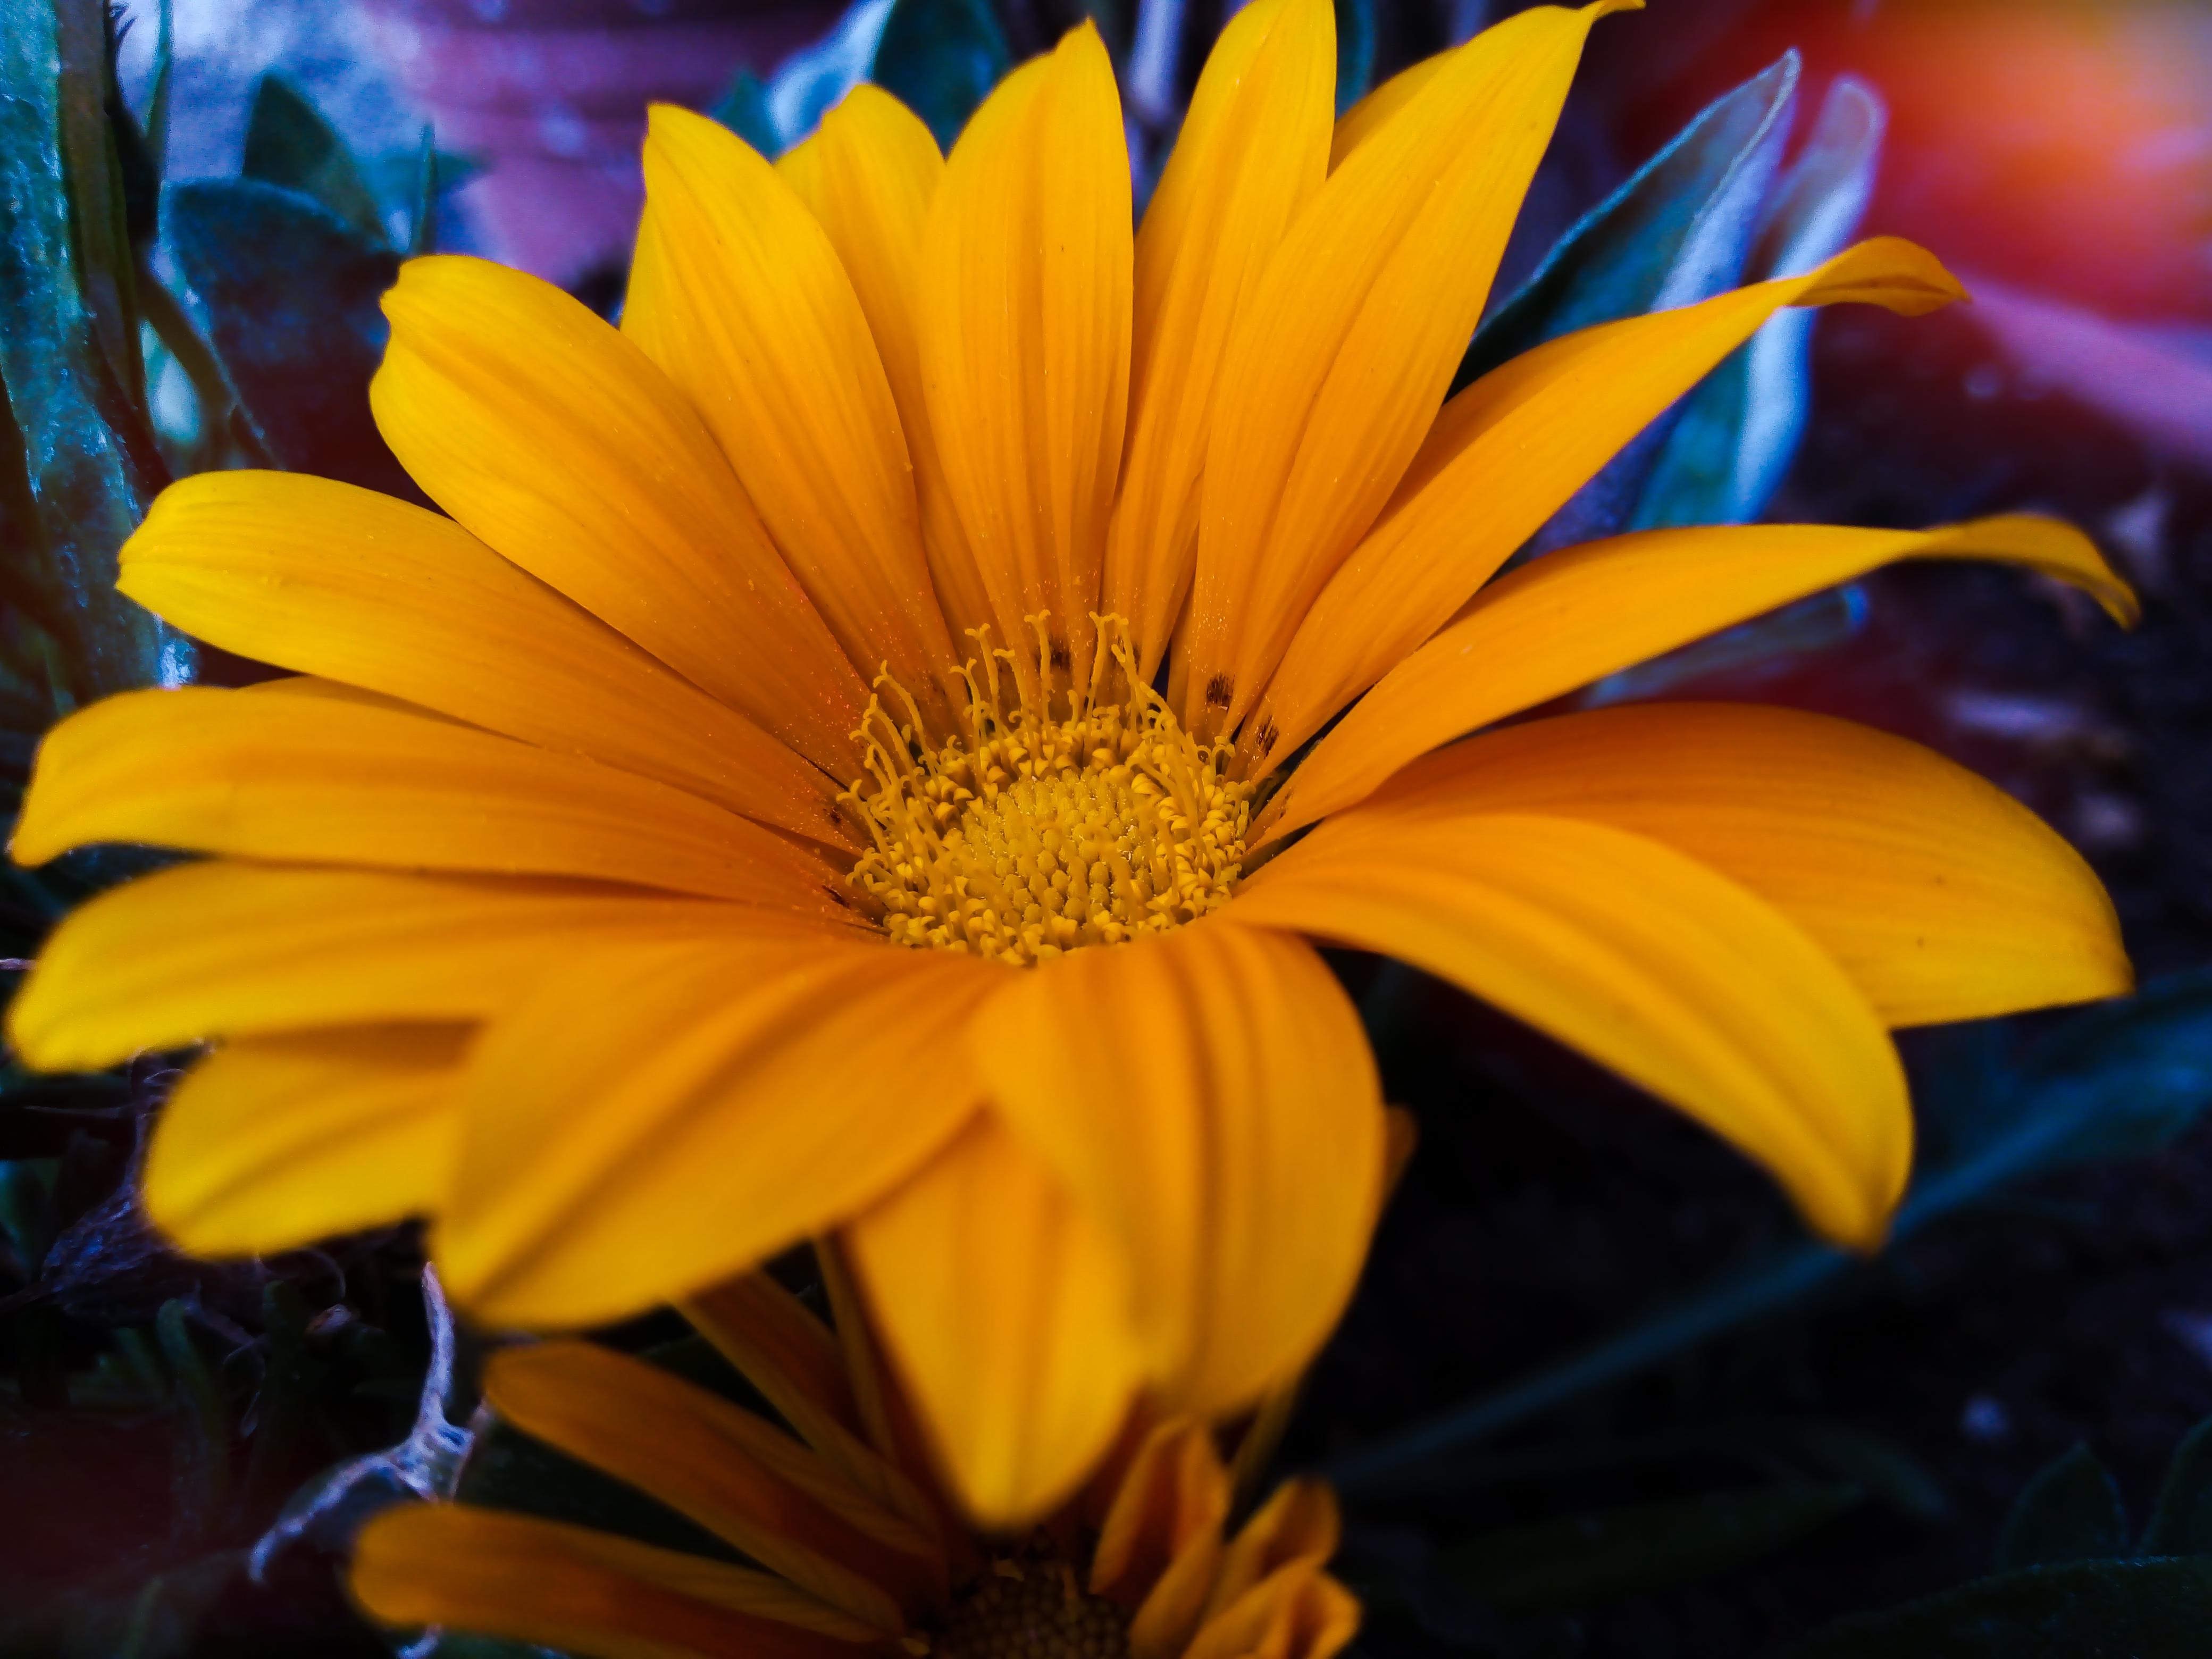 Wallpaper Yellow Gazania Flower